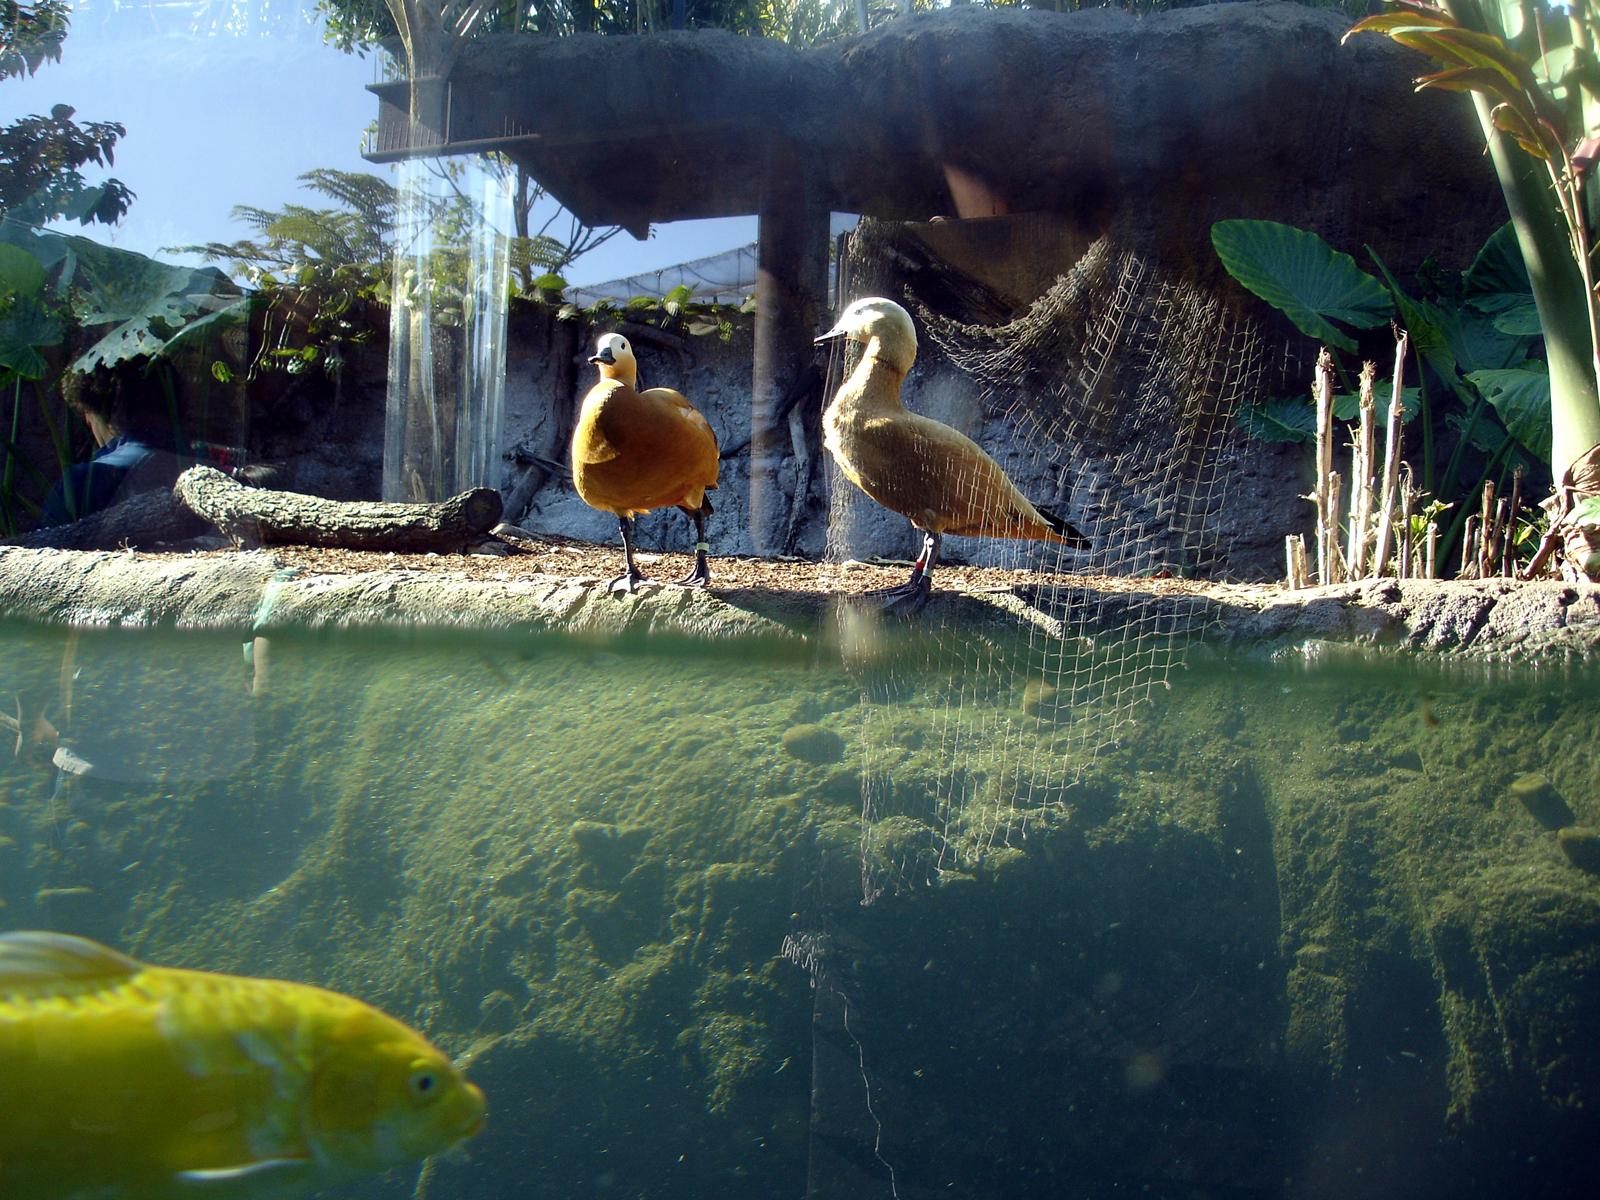 Under Water, Birds, Bspo06, Fish, Underwater, HQ Photo